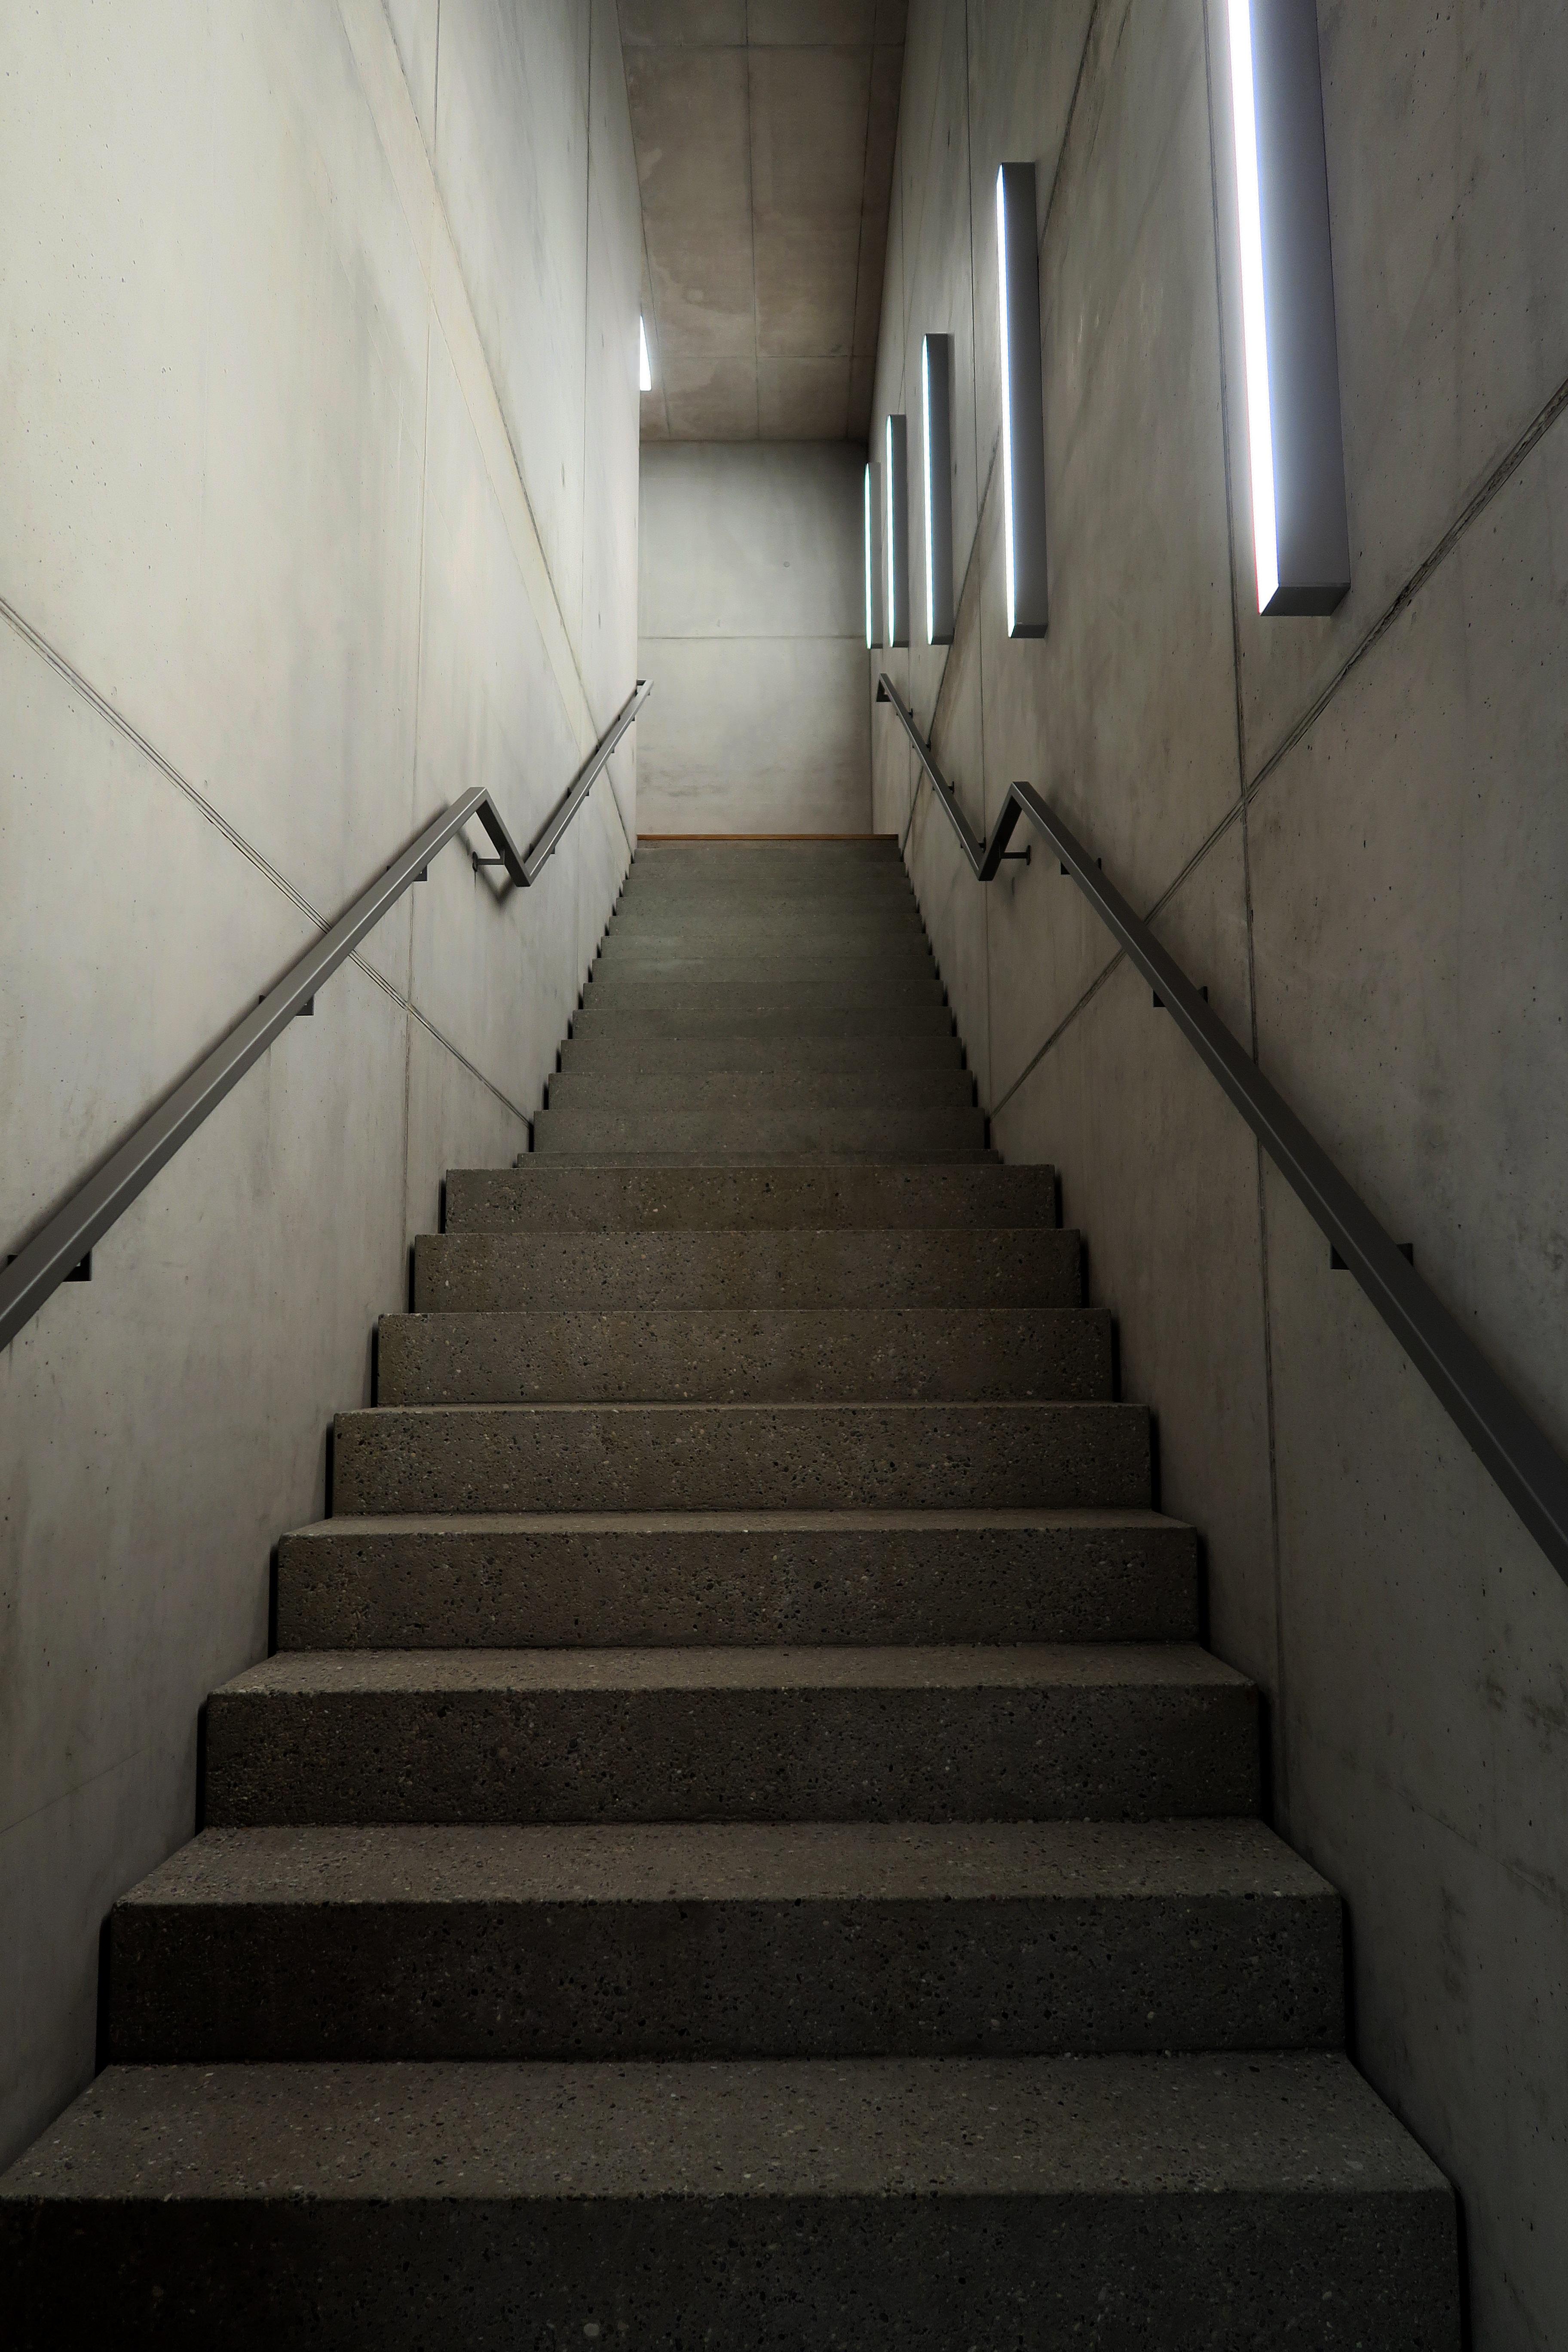 Escalier Interieur Beton Design images gratuites : lumière, architecture, blanc, sol